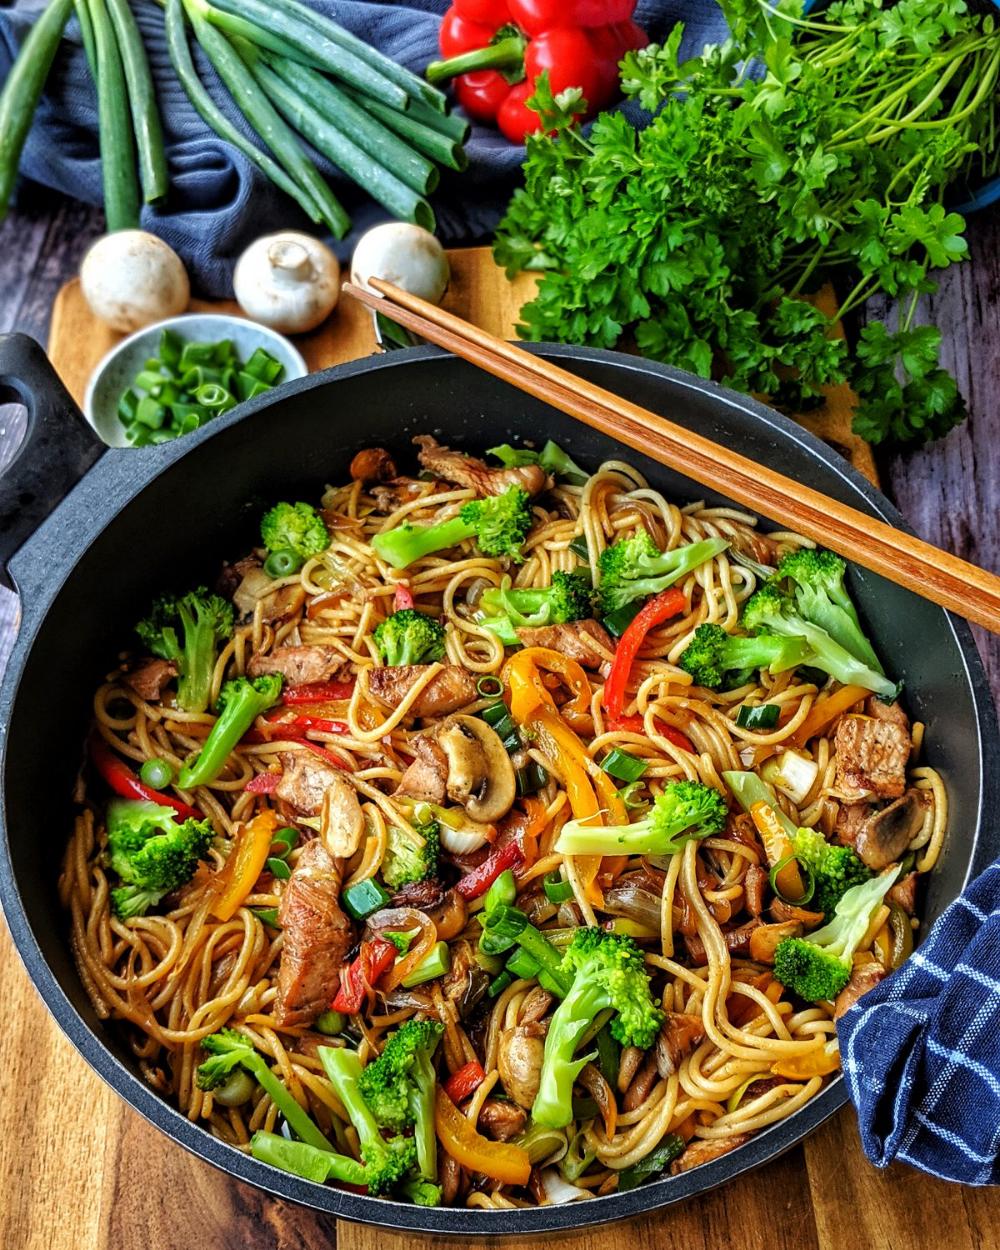 Ich bin ein richtig großer Fan der asiatischen Küche. Viele der leckeren Gerichte sind perfektes Fitfood, das einen mit viel Power durch den Tag bringt. #healthycrockpotchickenrecipes